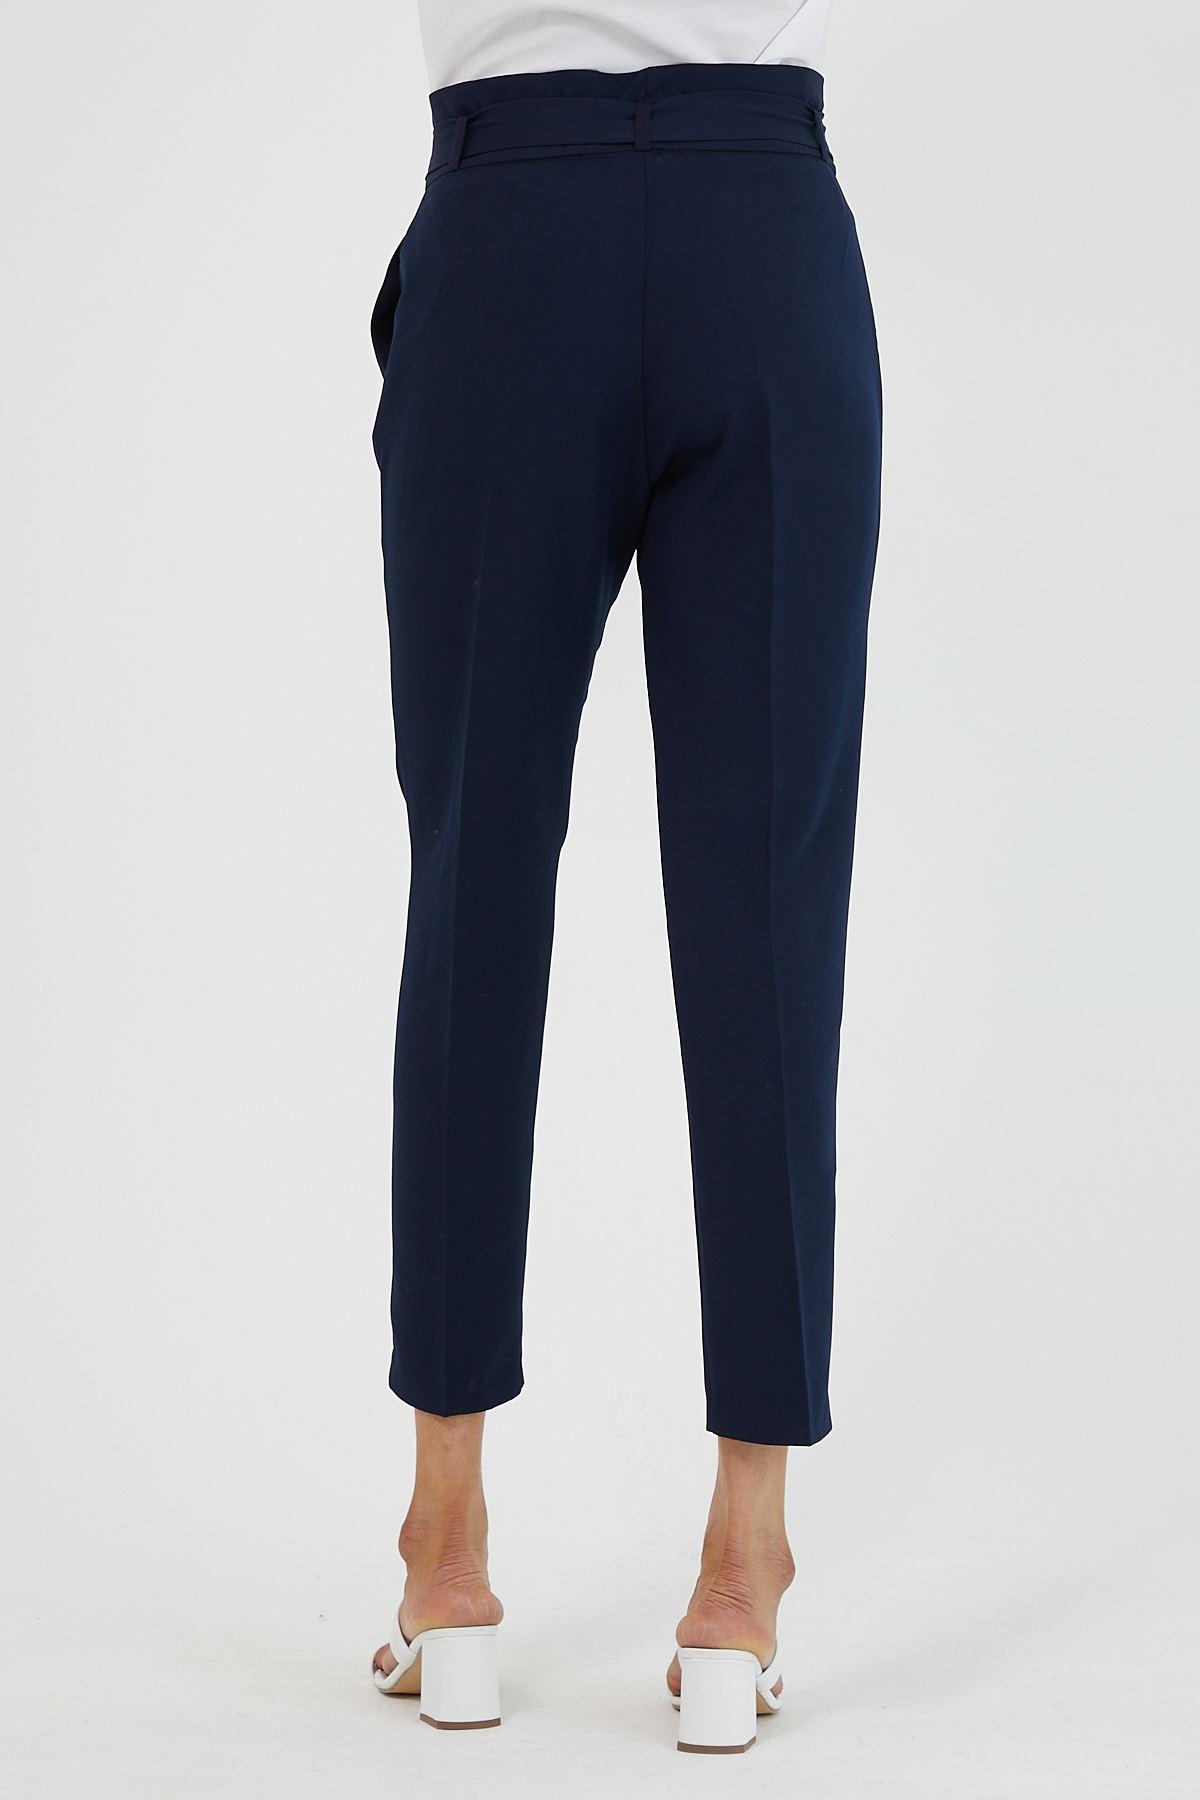 Kadın Bel Büzgülü Lacivert Kumaş Pantolon